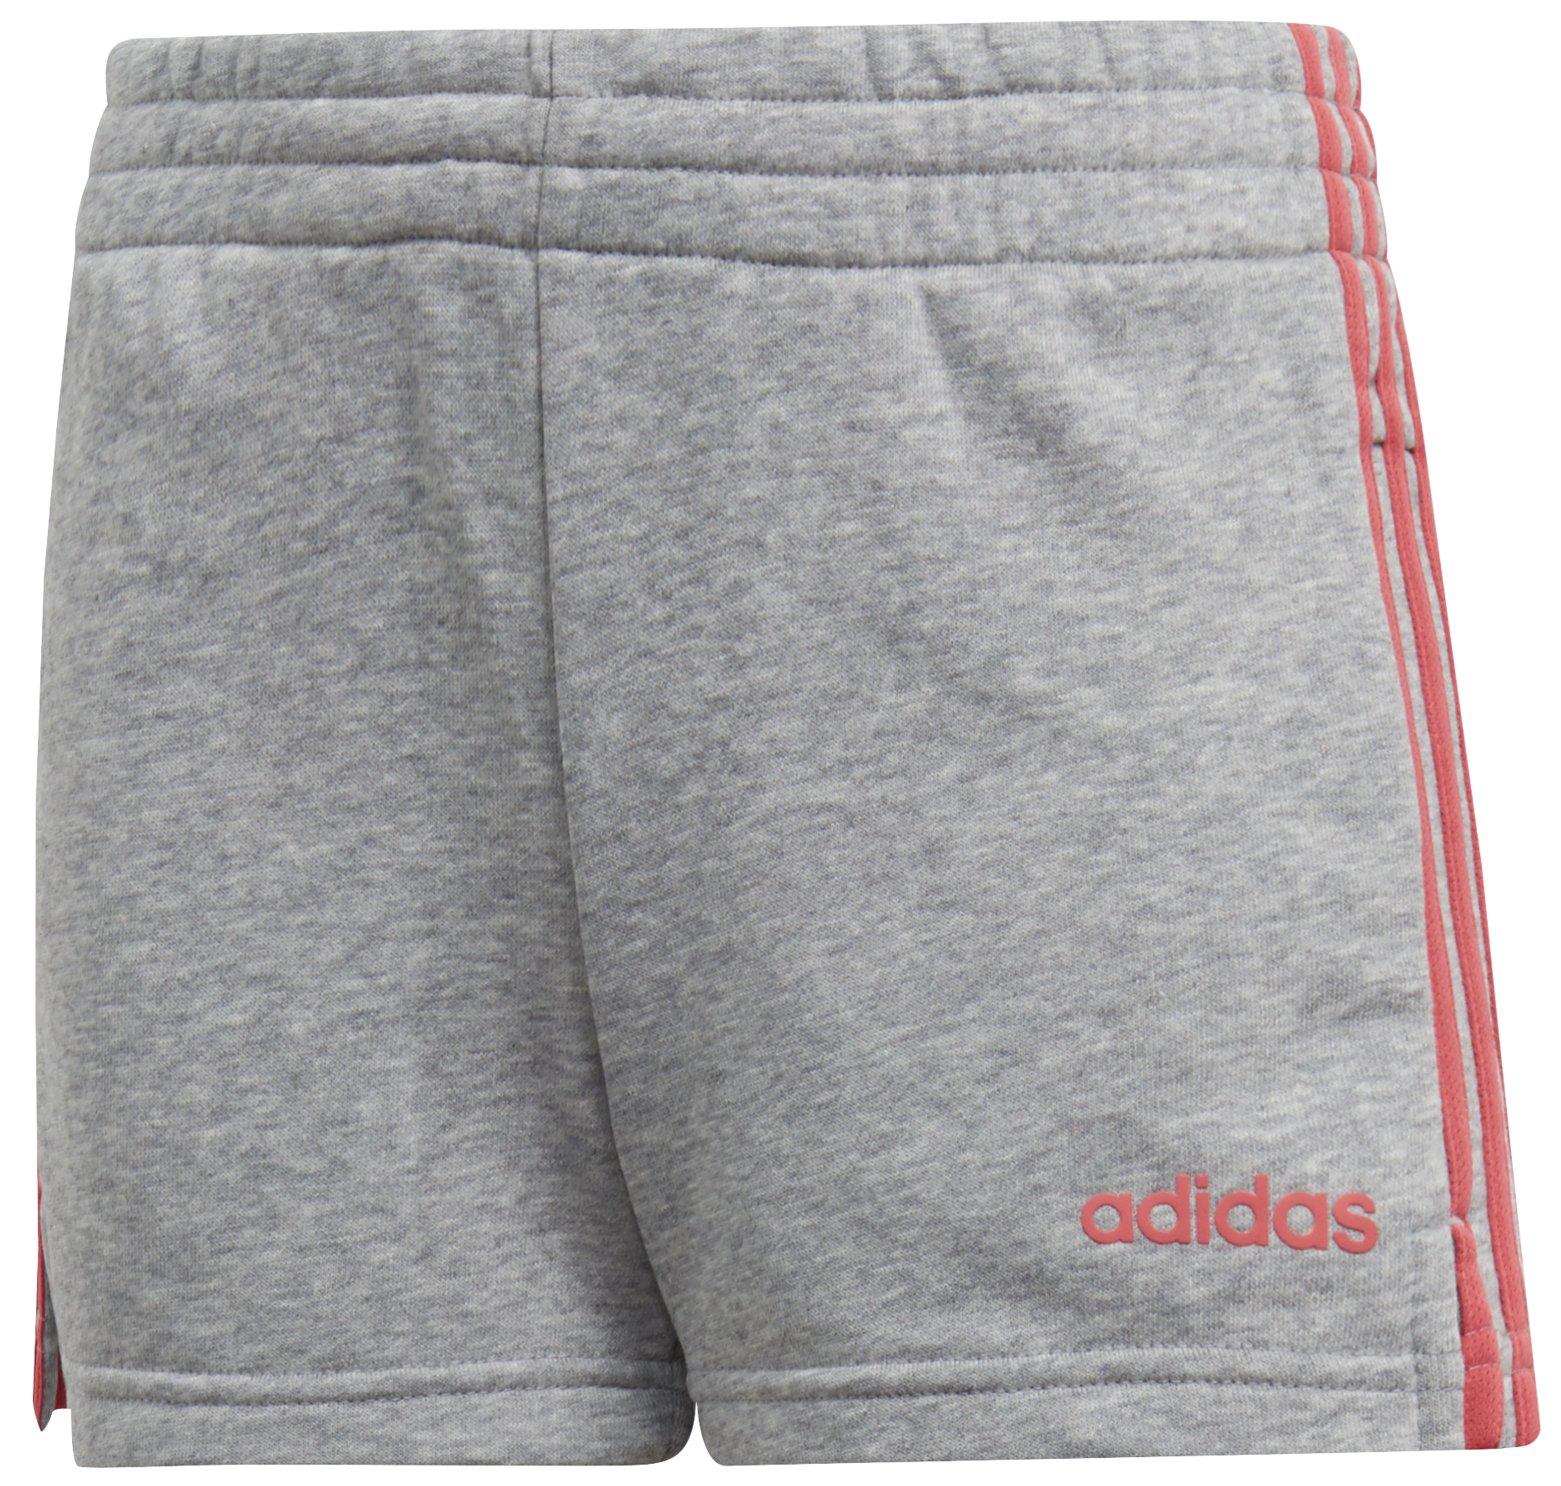 Adidas Essentials 3S Short 116